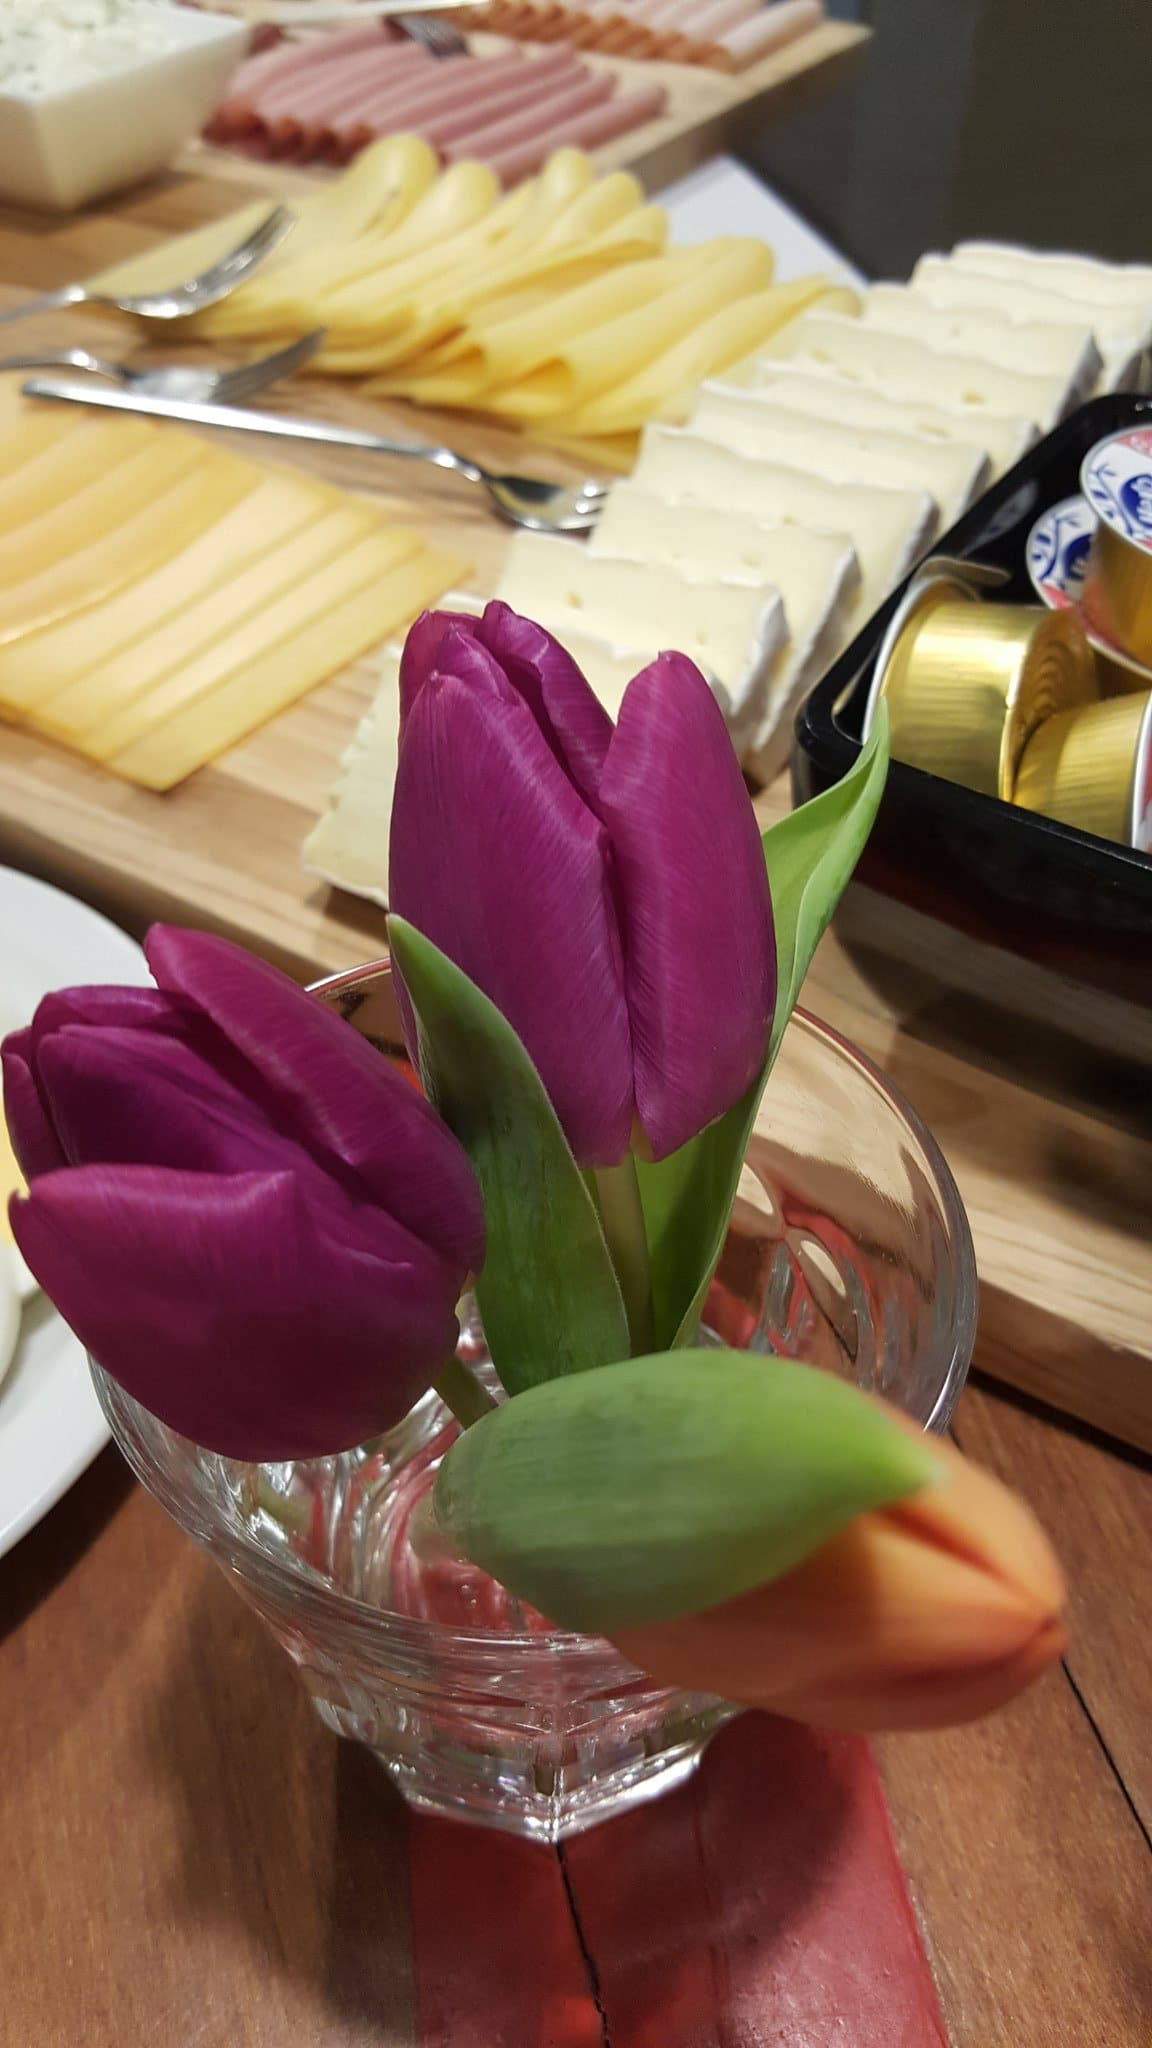 Nieuwjaarsontbijt, paarse tulp